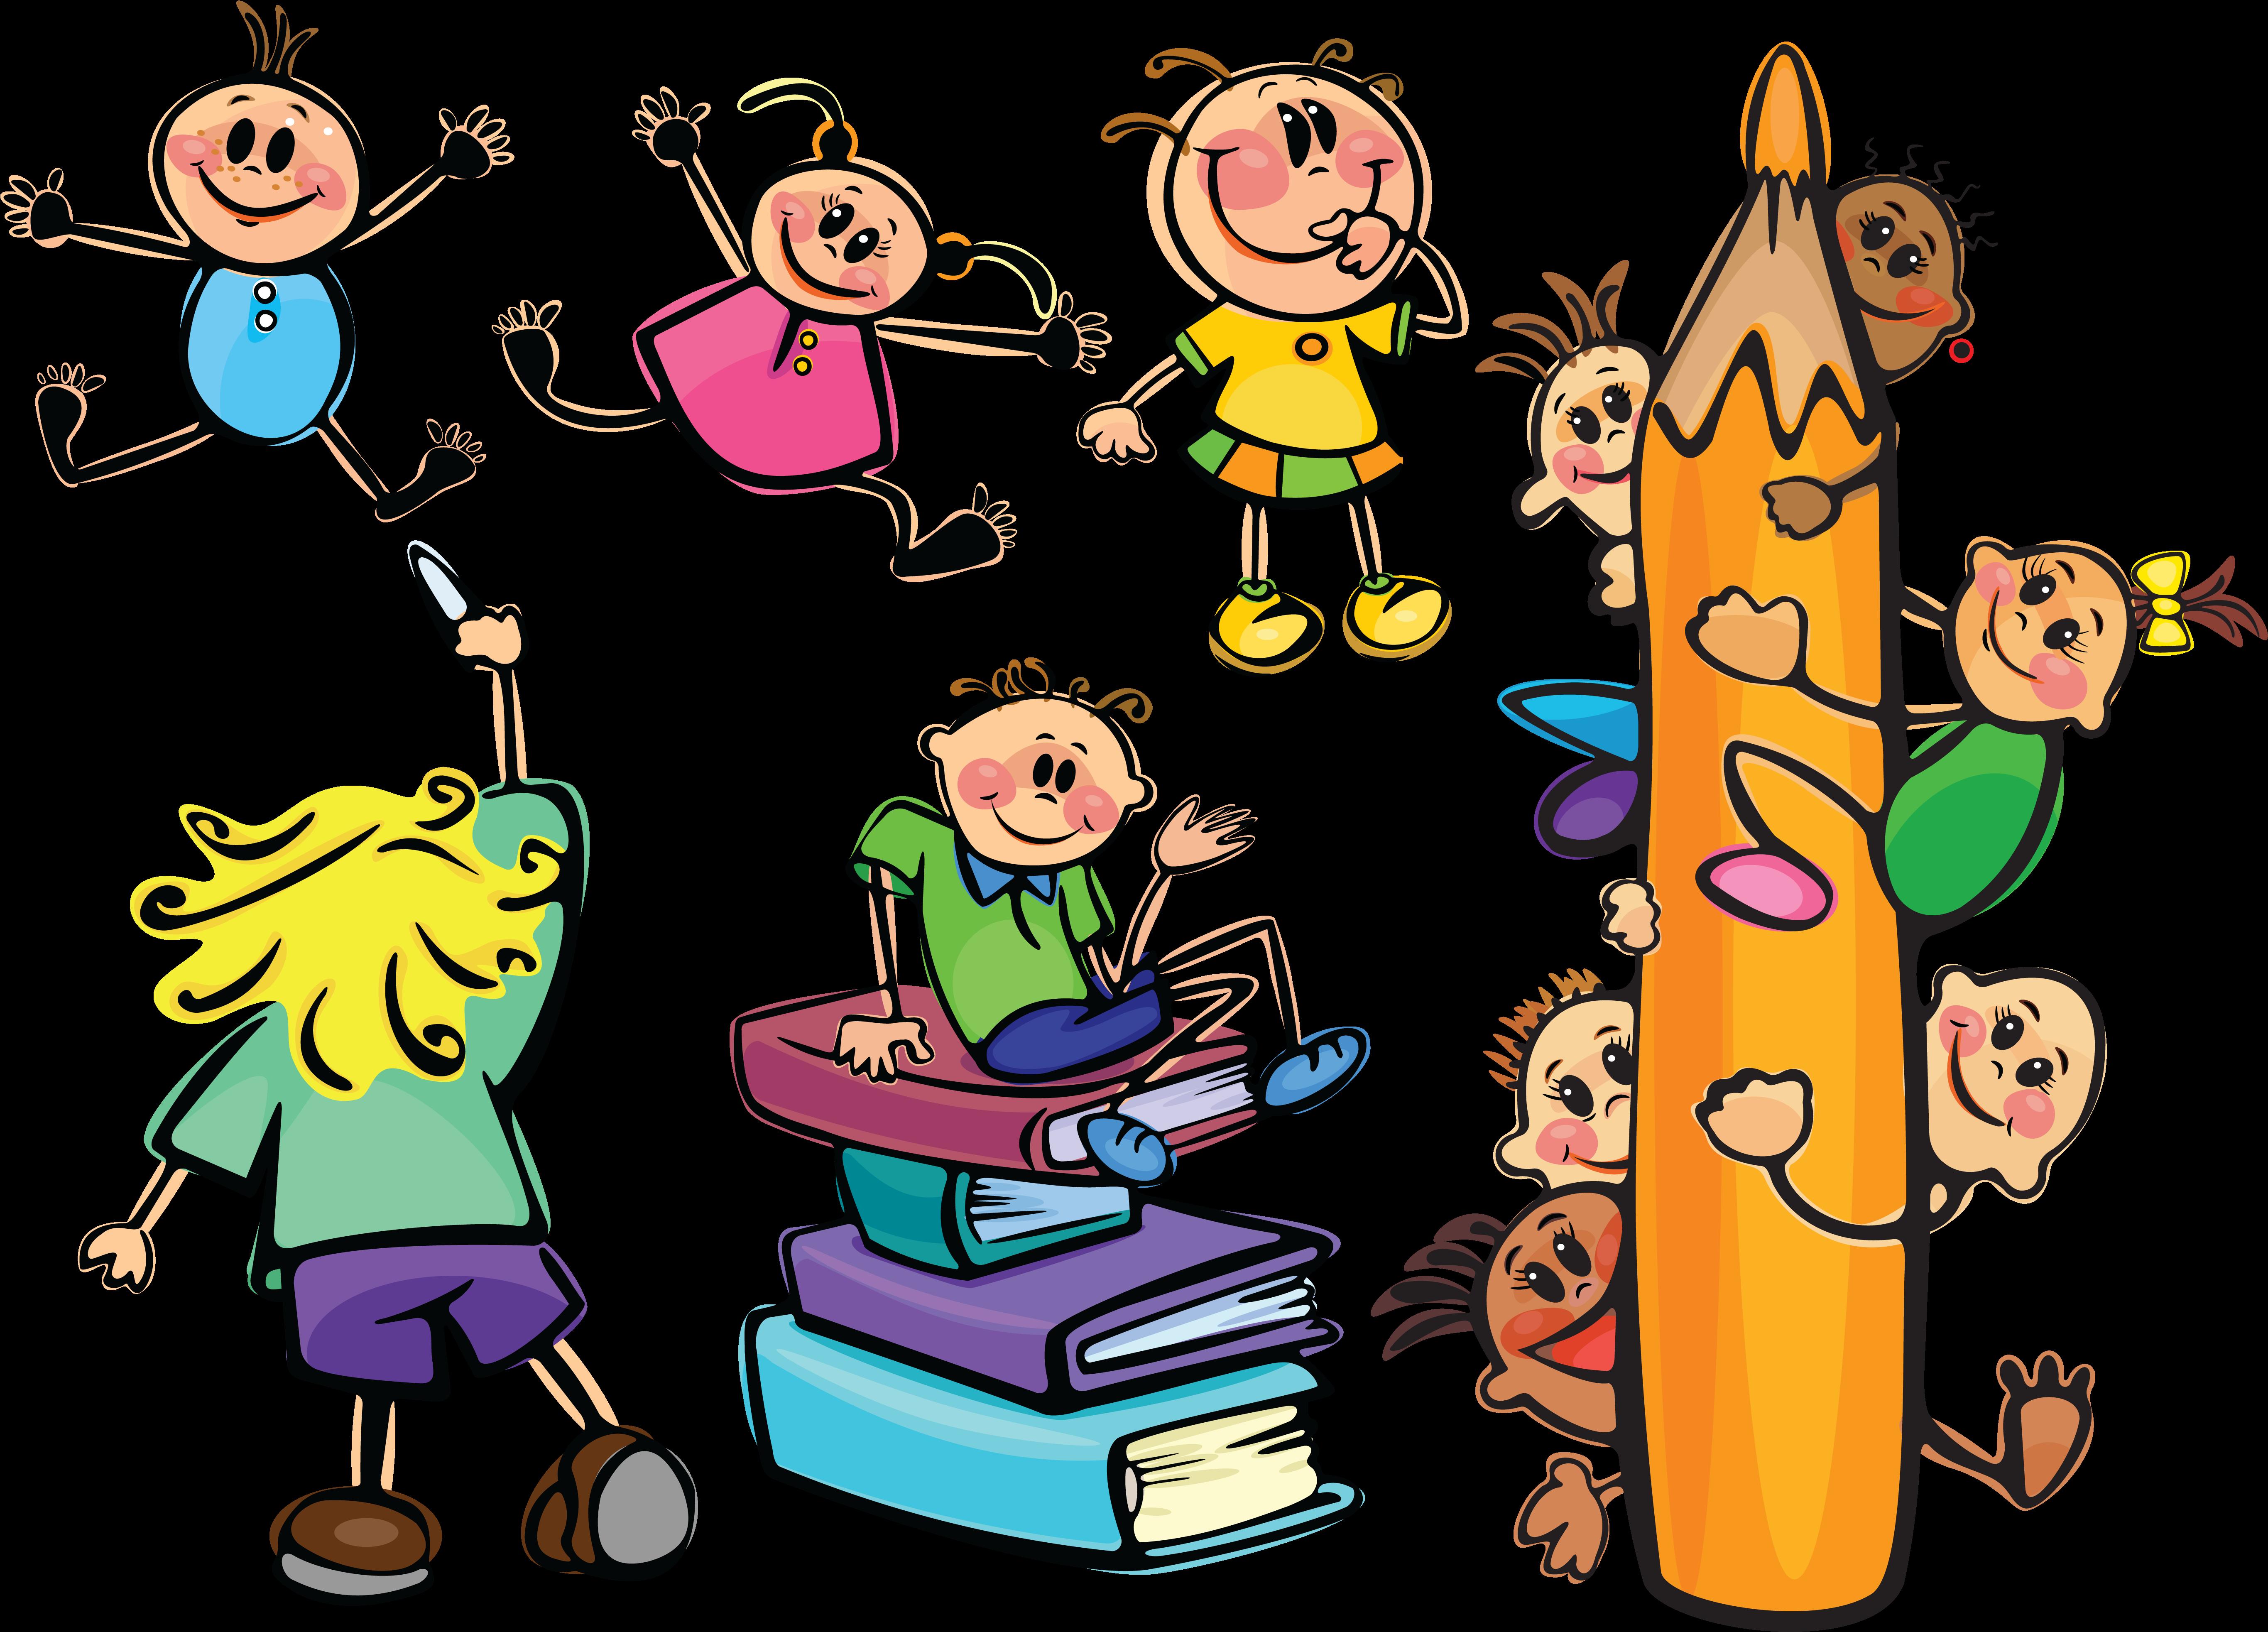 Прикольные картинки про детей и школу, изготовлению